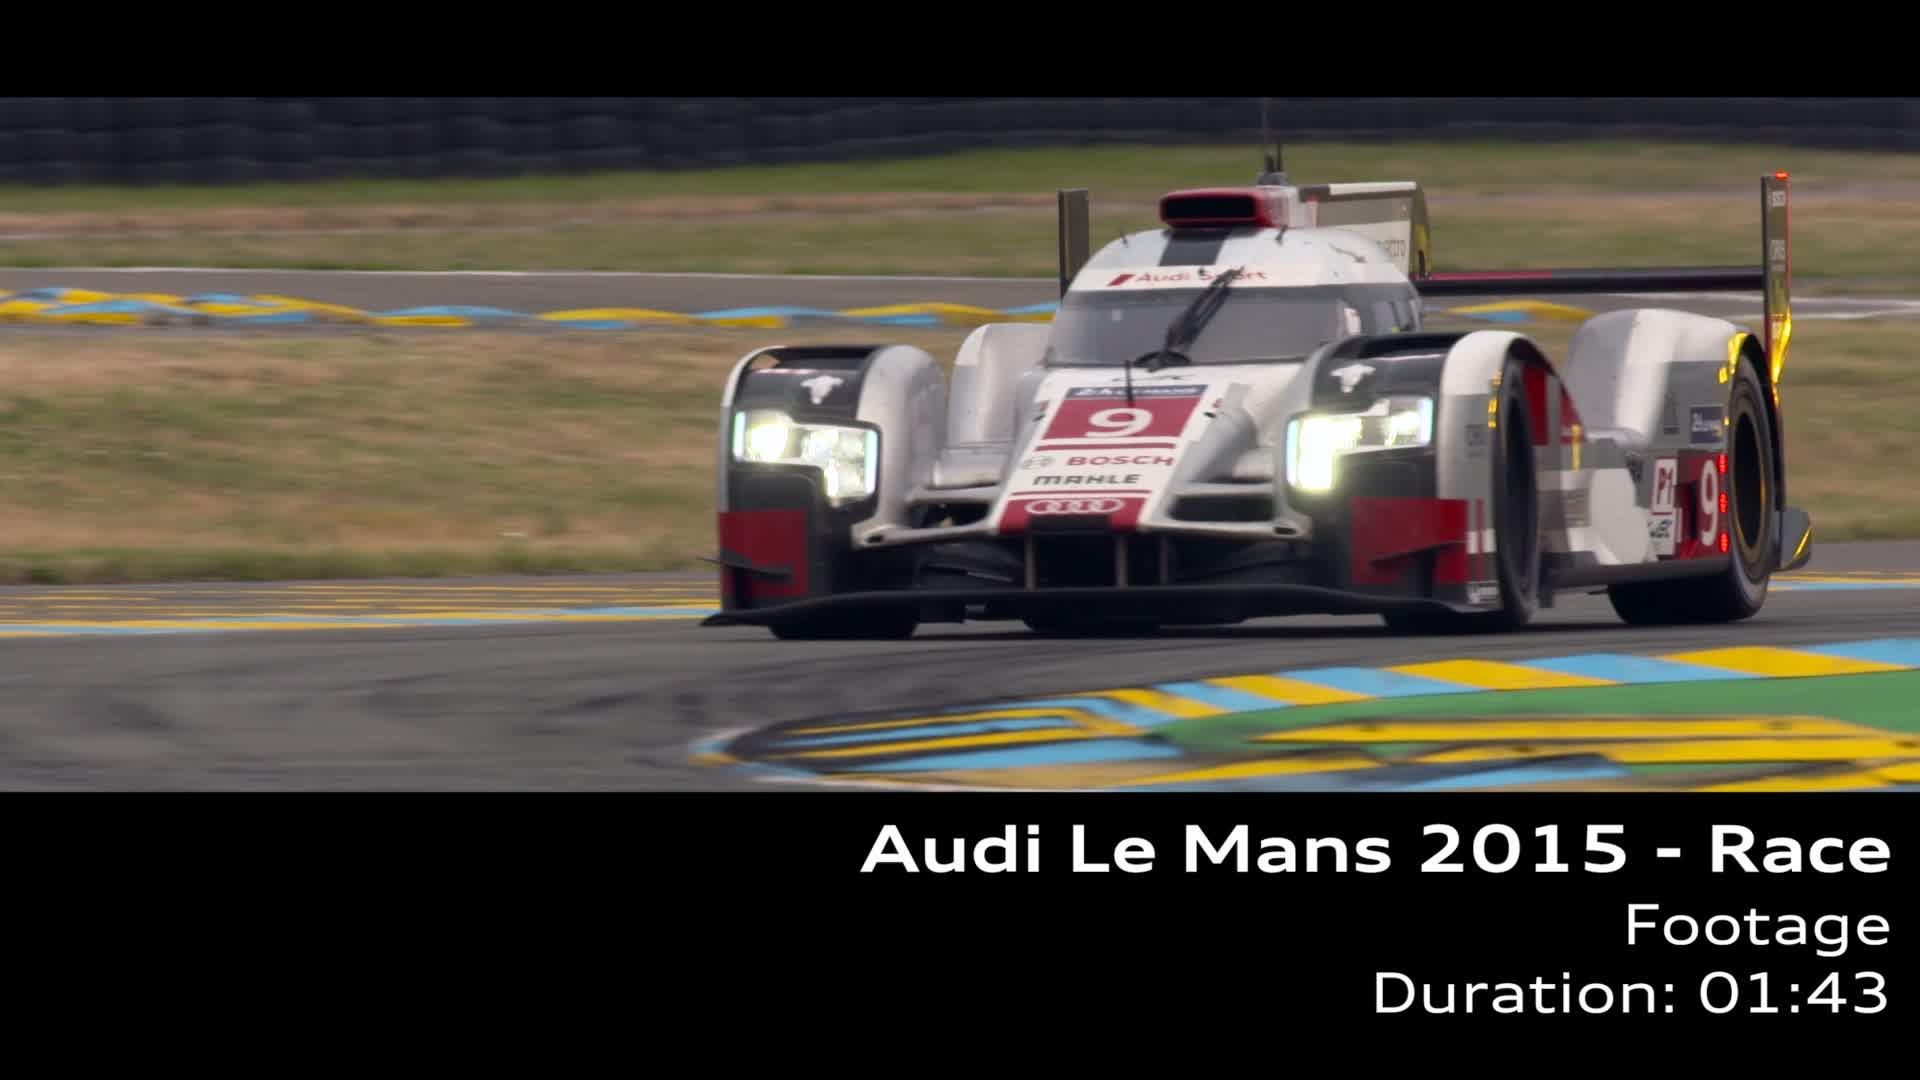 Audi Le Mans 2015, das Rennen - Footage